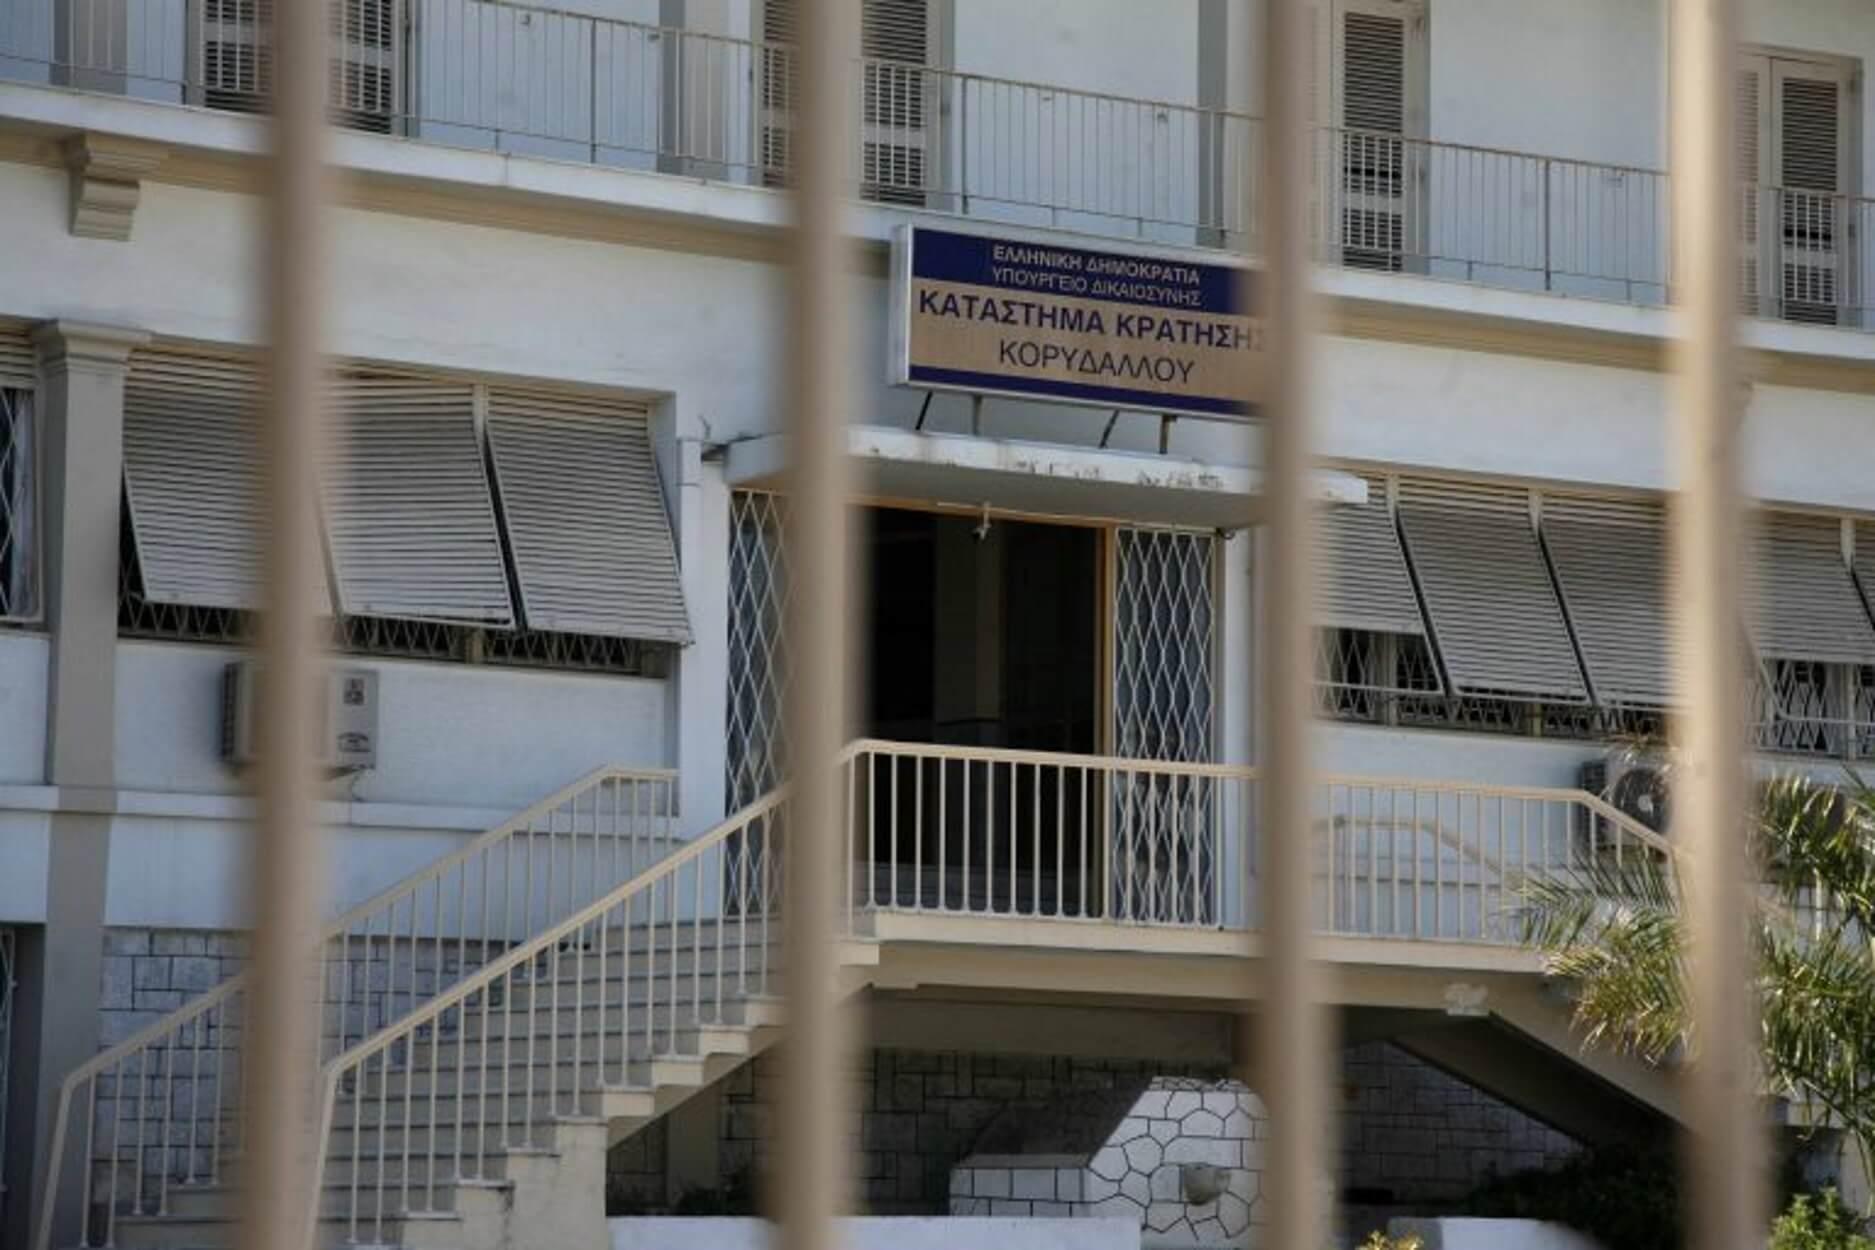 """Αλβανική μαφία: Αυτό είναι το """"σατανικό"""" σχέδιο εκβιασμών δικηγόρων – Αποκαλύψεις που σοκάρουν!"""